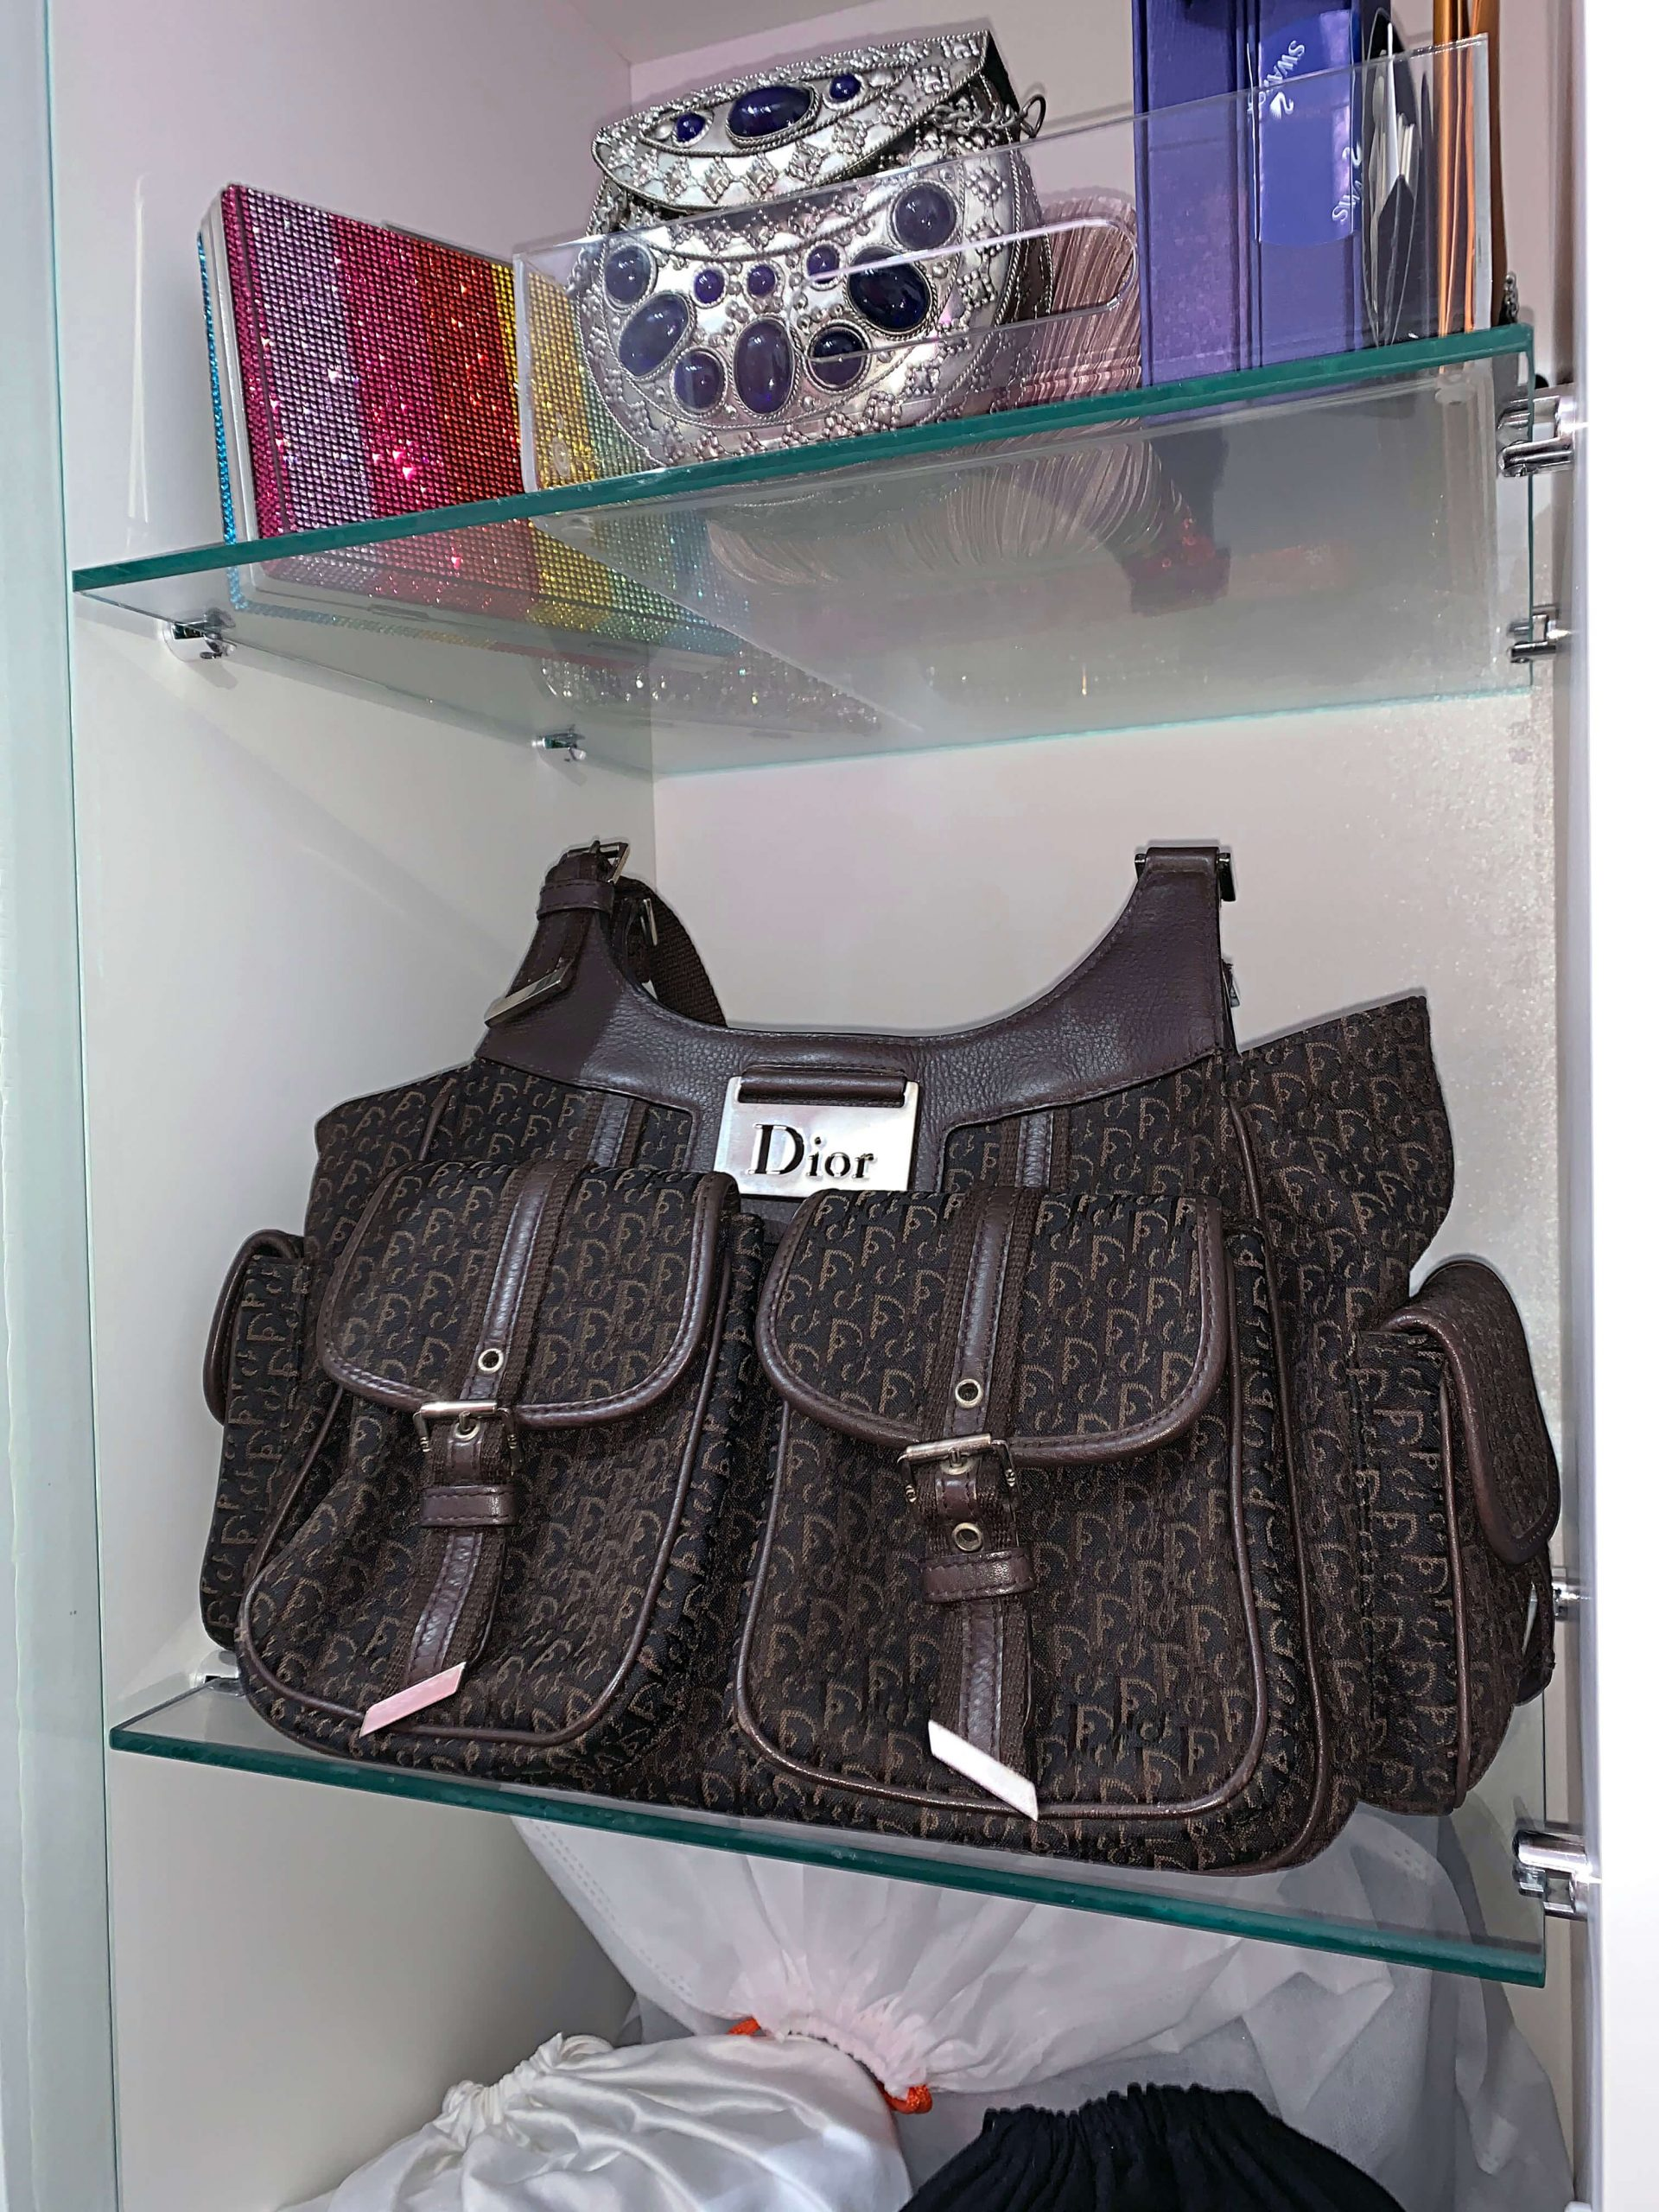 Bolsa Dior vintage marrom em armário.